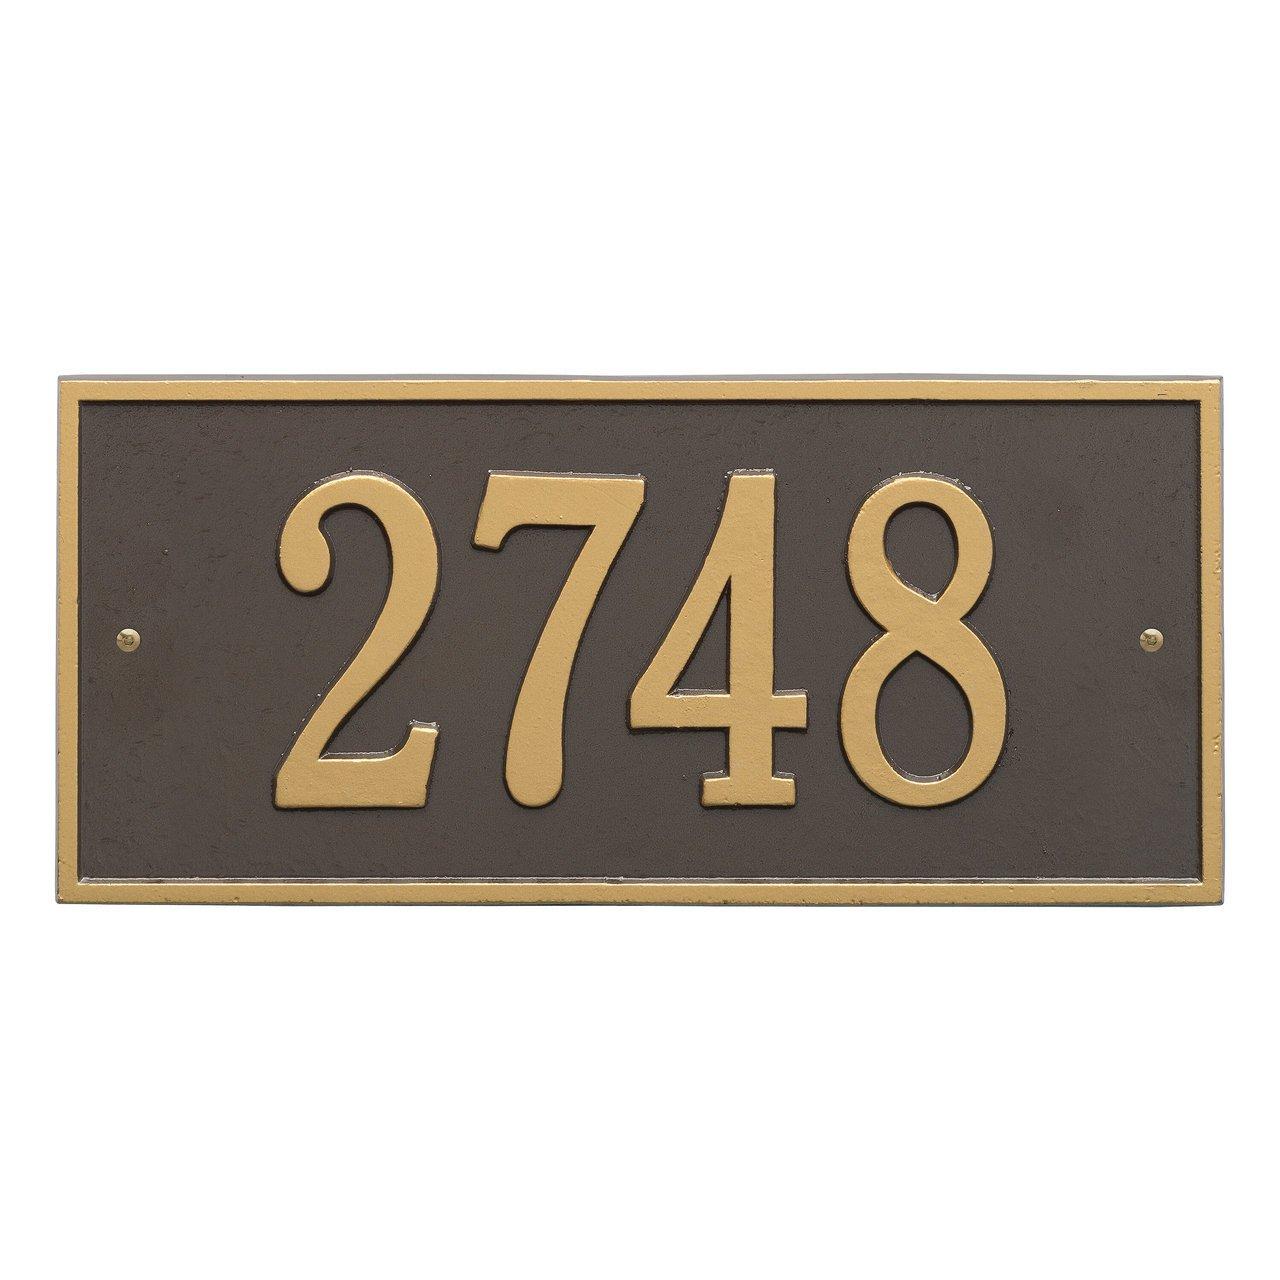 カスタムハートフォードアドレスPlaque 2線16